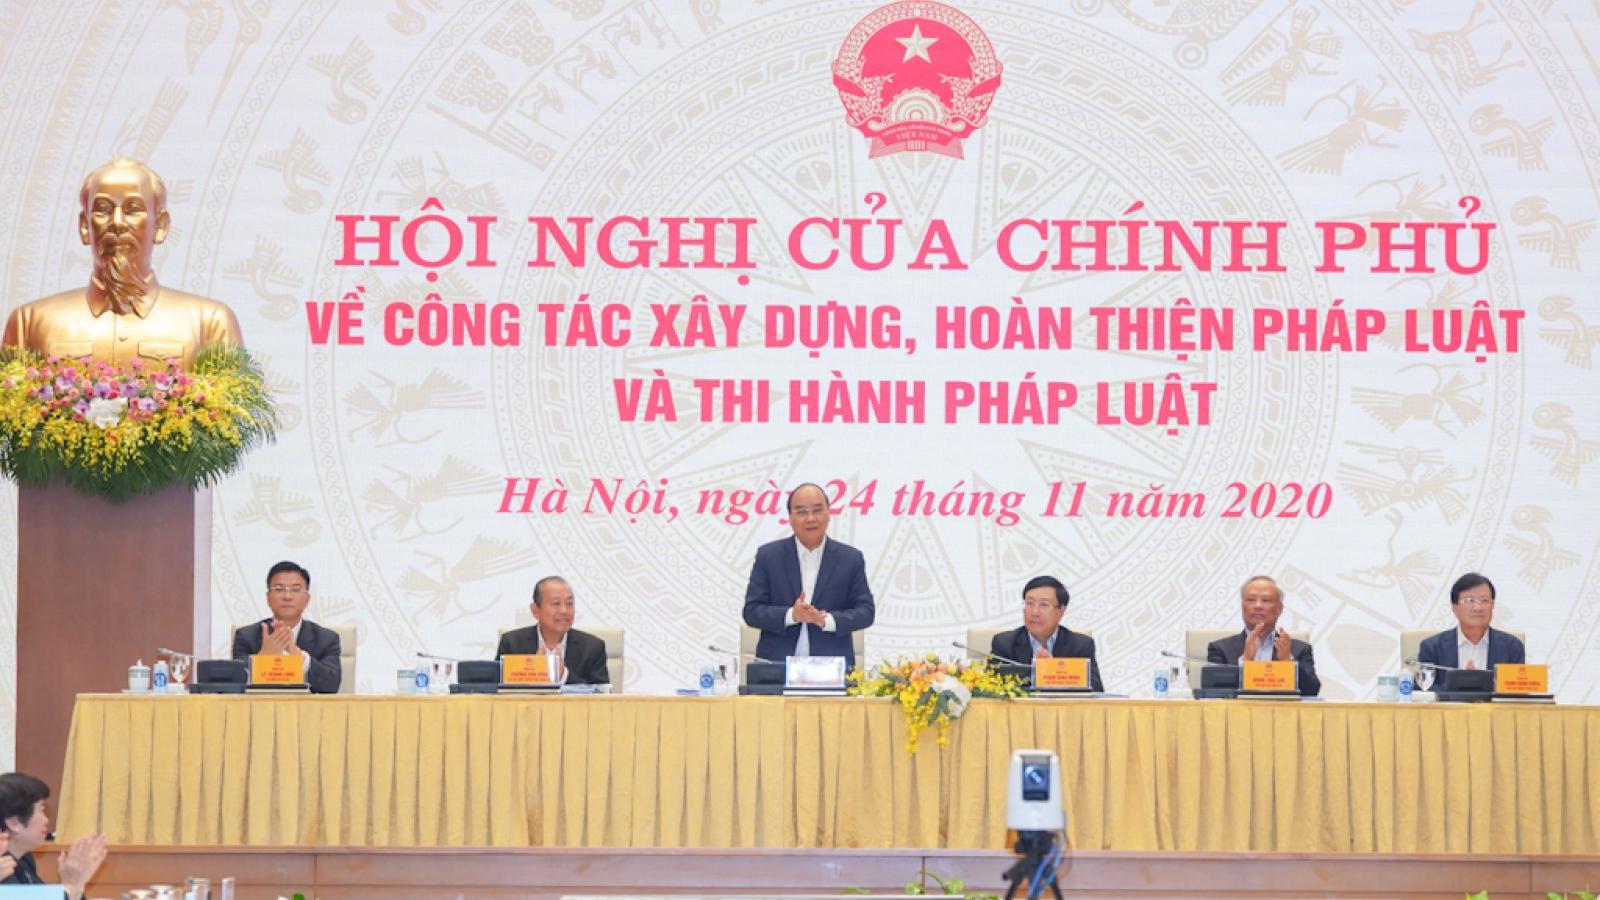 Thủ tướng: Phải chống lợi ích nhóm trong xây dựng thể chế pháp luật